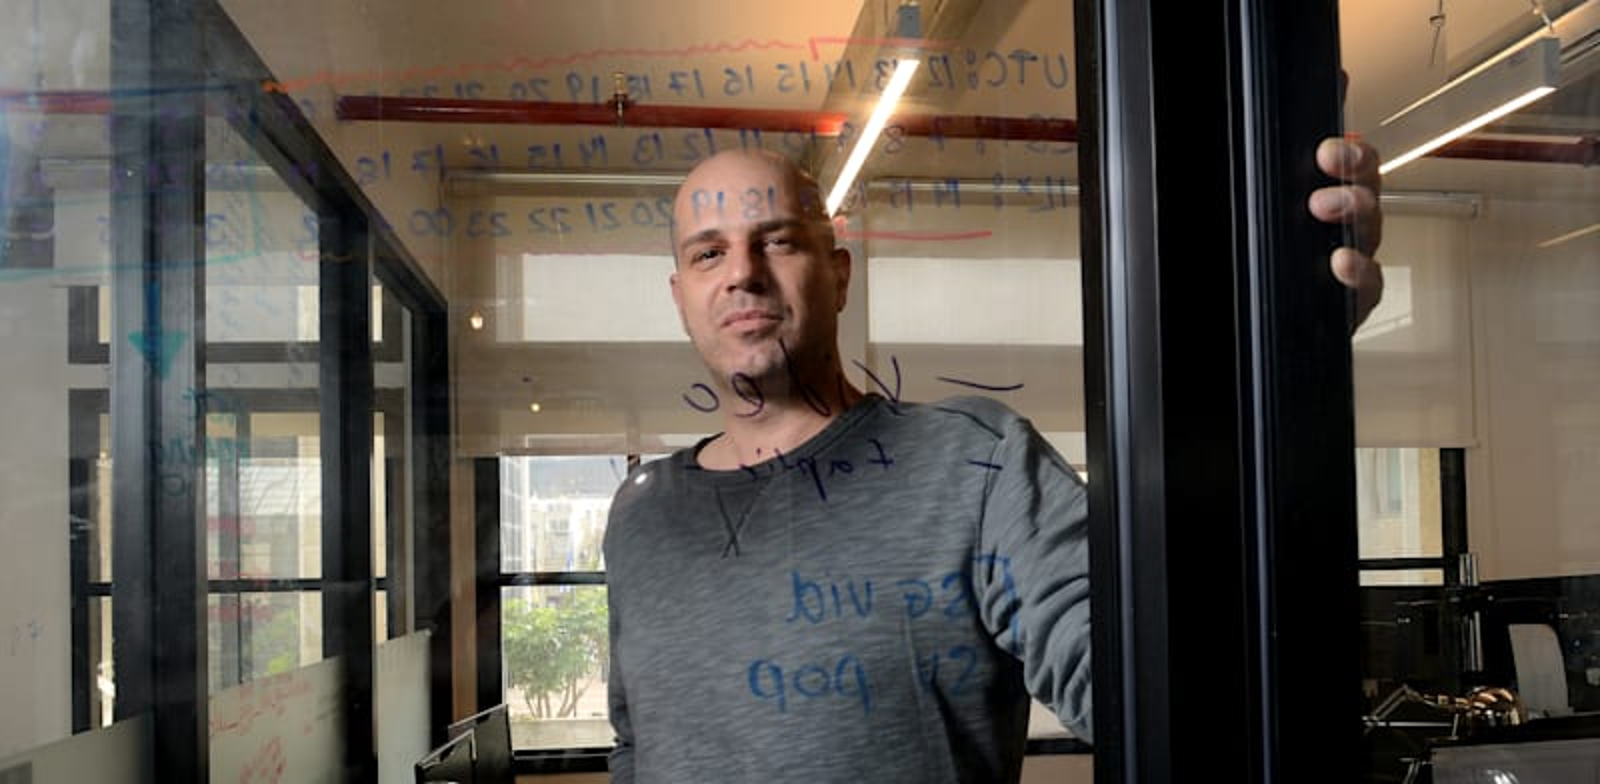 עמית אוחיון. הקים מערכת פרסום ממוחשבת / צילום: איל יצהר